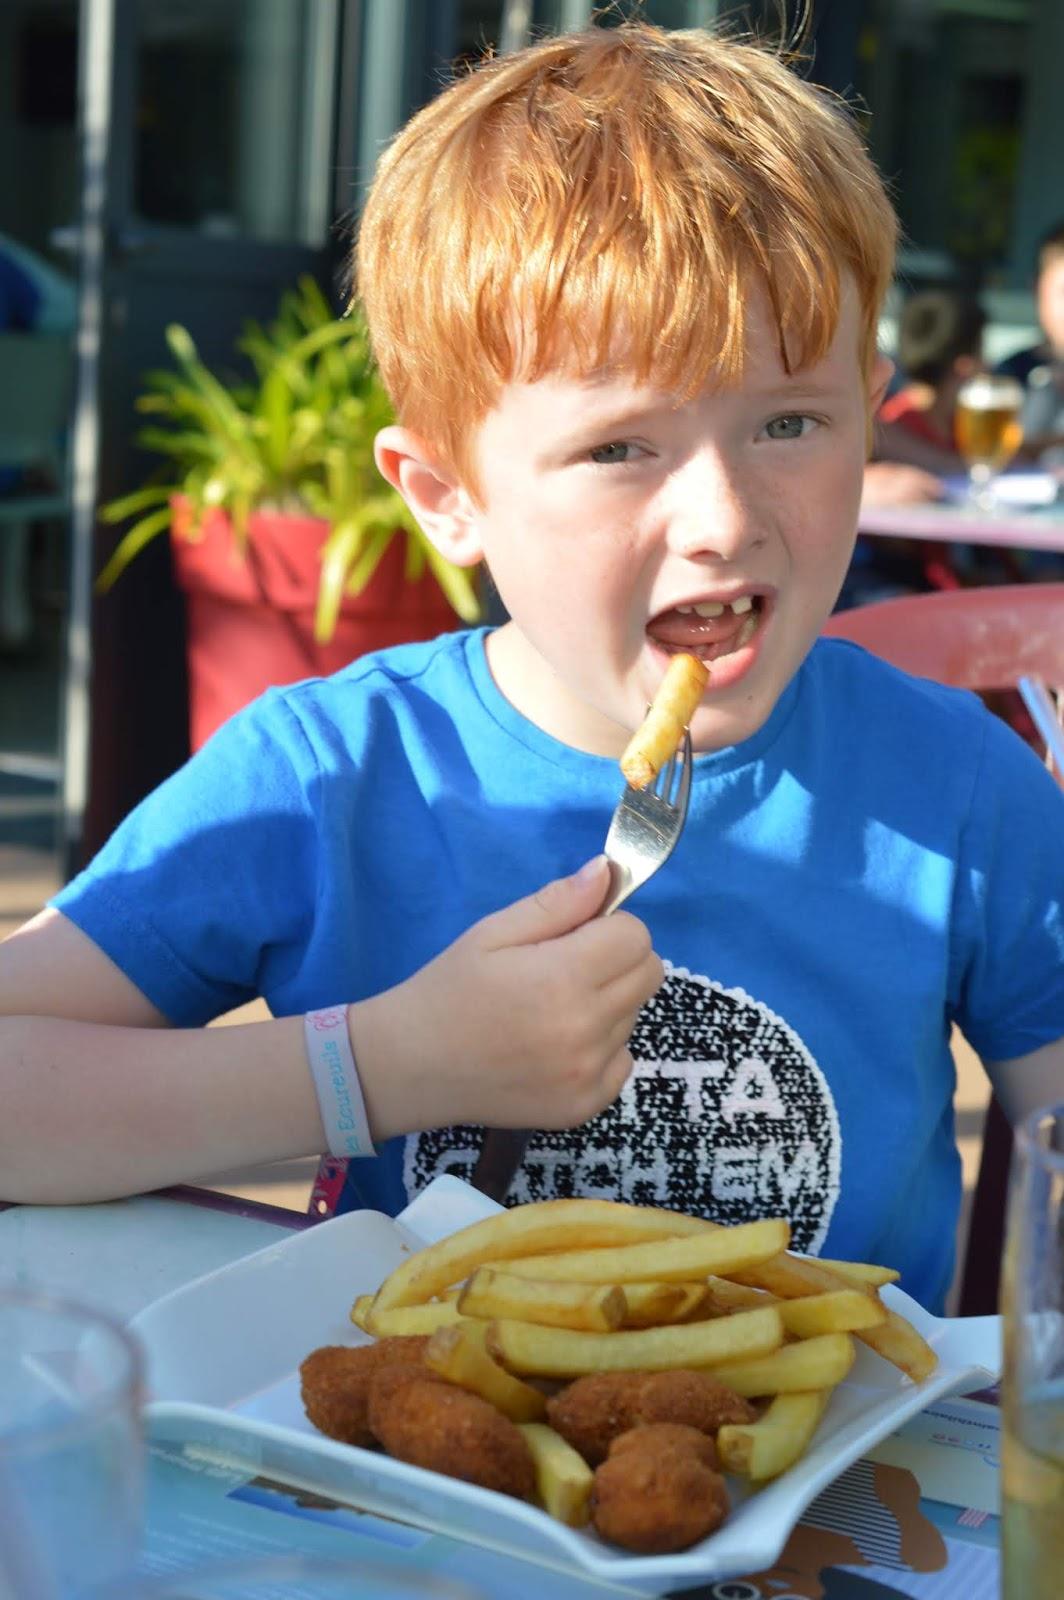 Les Ecureuils Campsite, Vendee - A Eurocamp Site near Puy du Fou (Full Review) - Kids meals at Amy's House